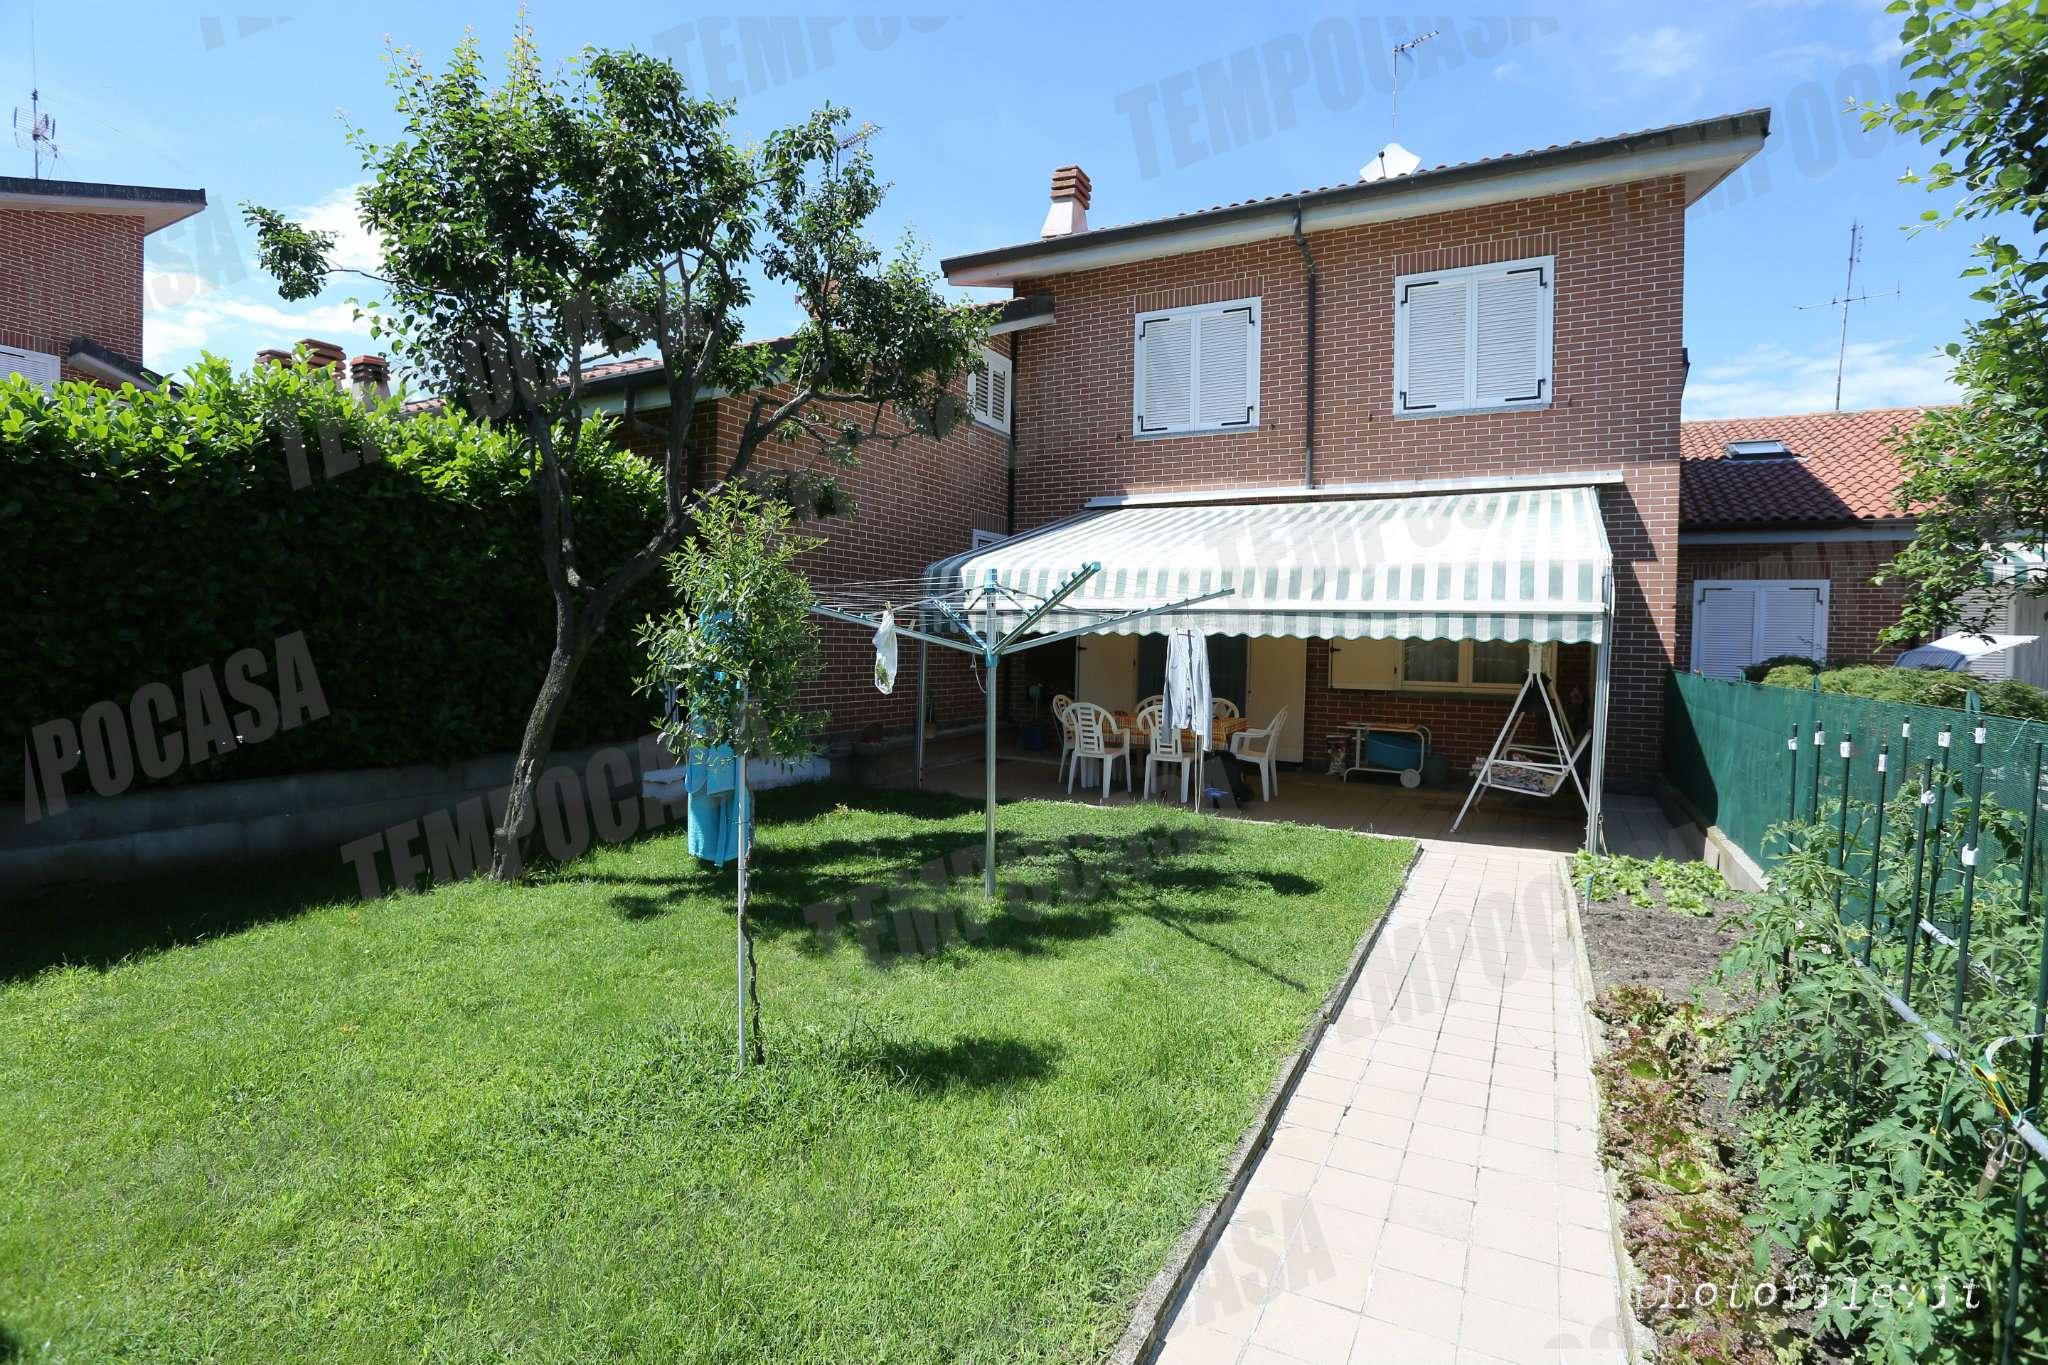 Villa in vendita a Rivalta di Torino, 6 locali, prezzo € 320.000 | CambioCasa.it